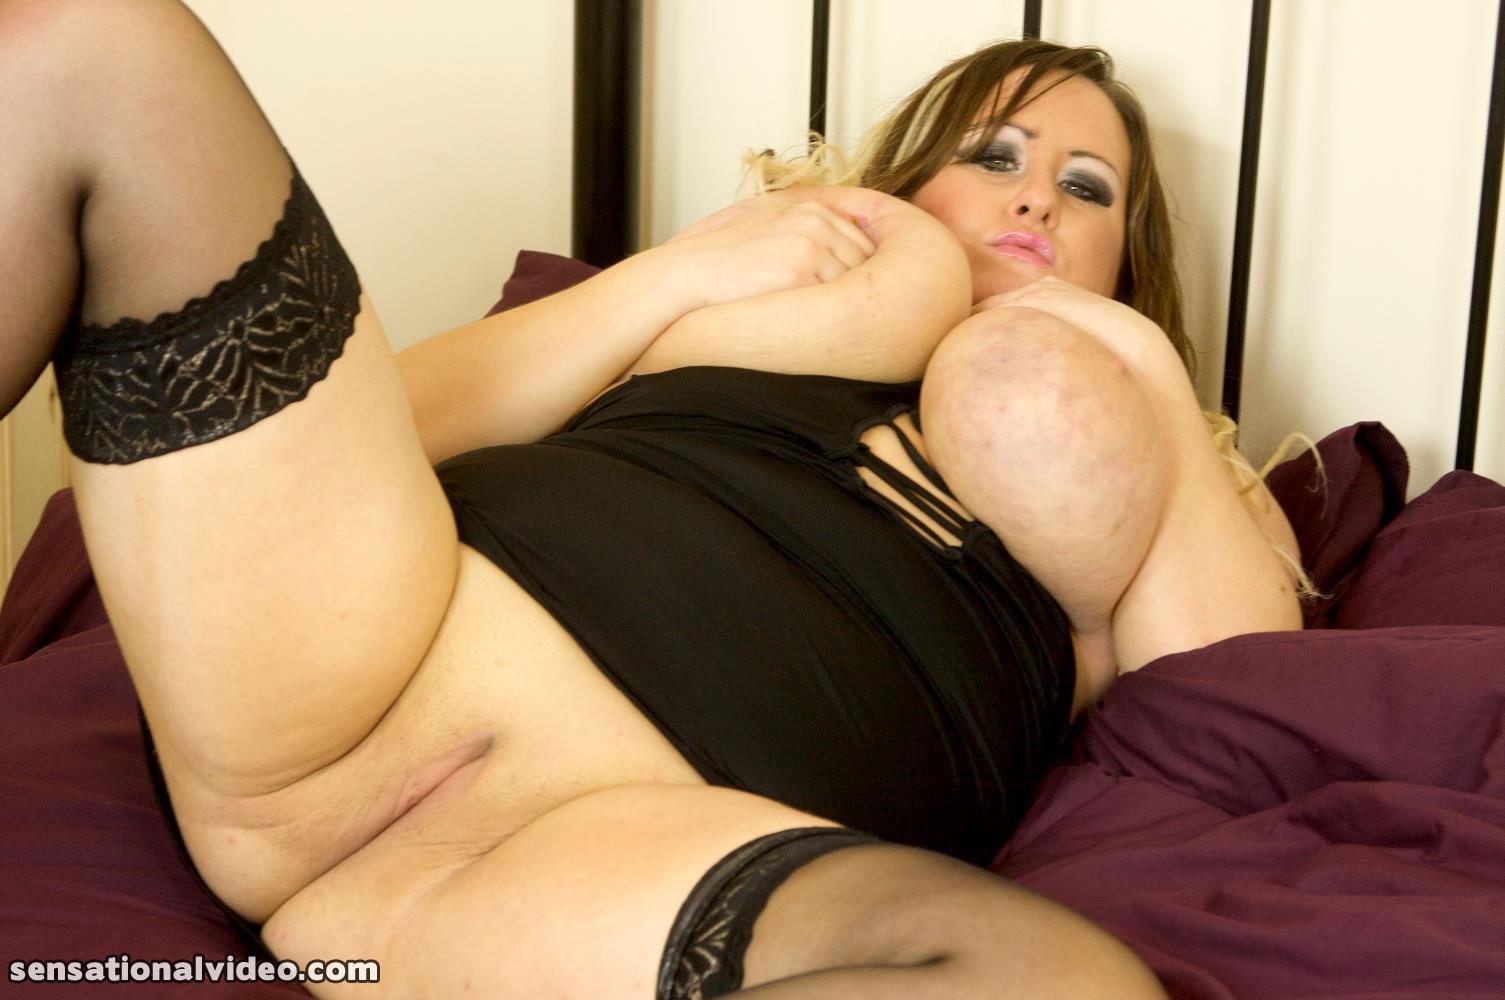 Смотреть порно с толстыми и сисястыми женщинами